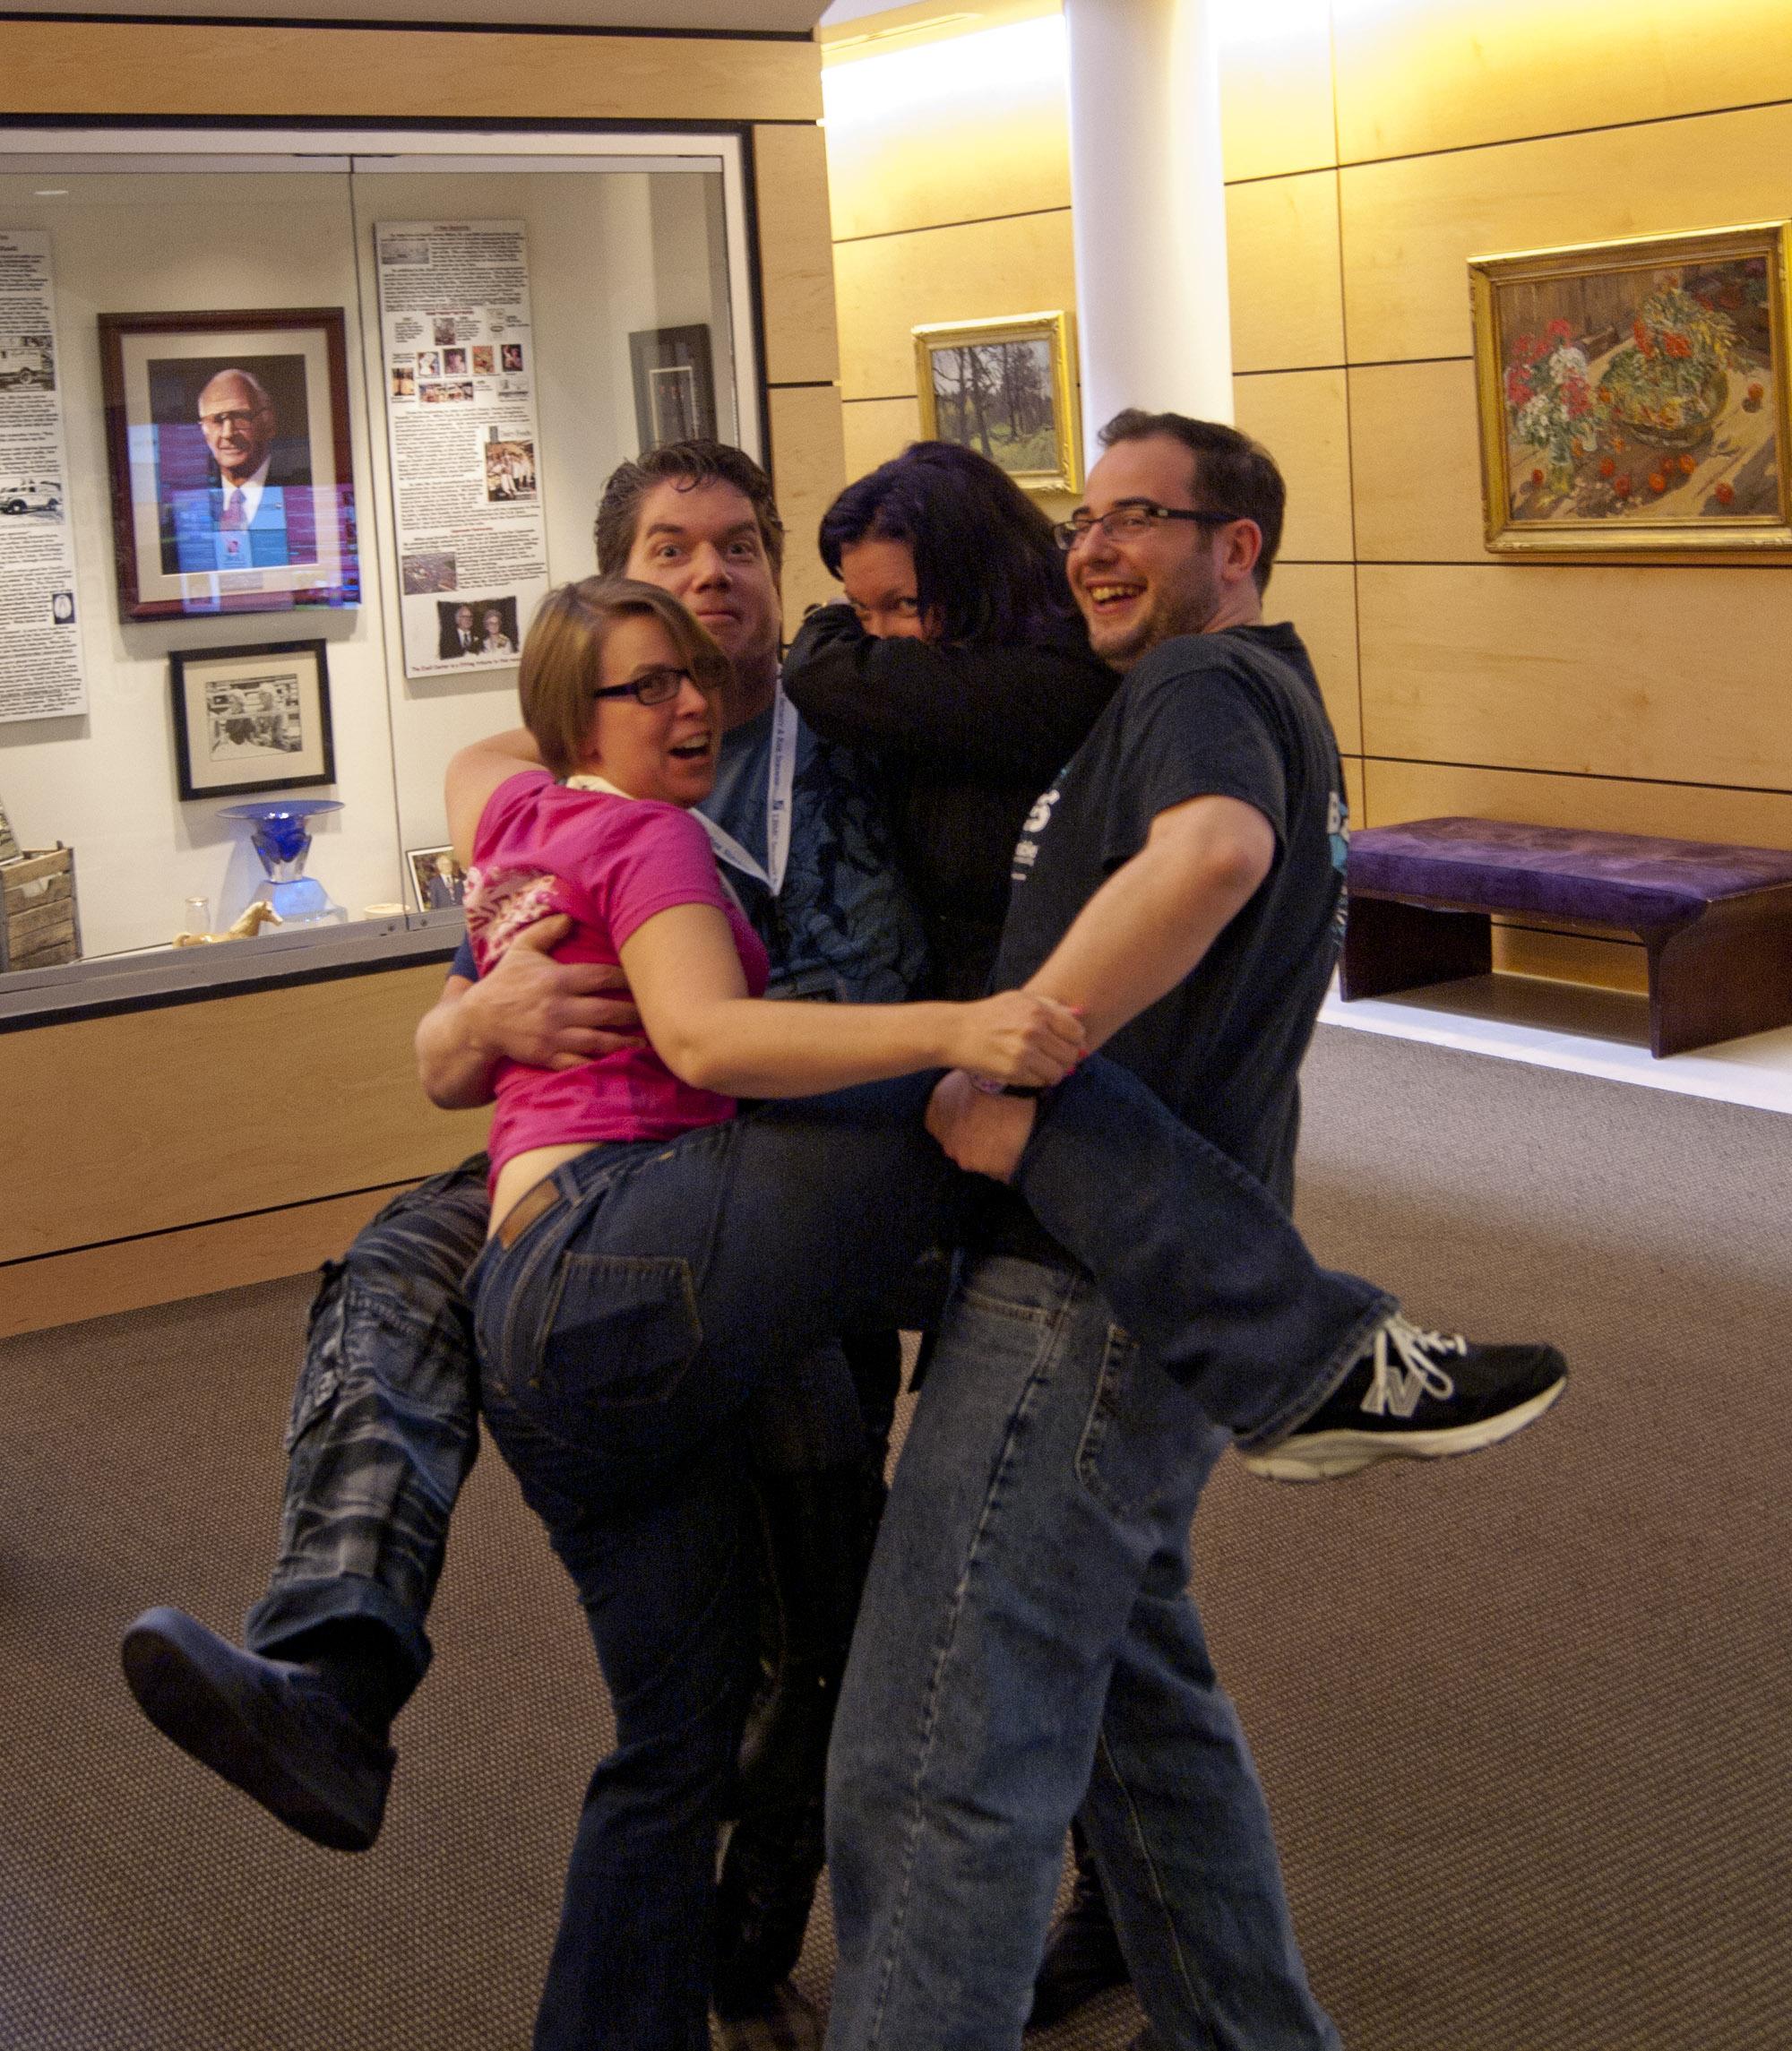 Group awkward hug